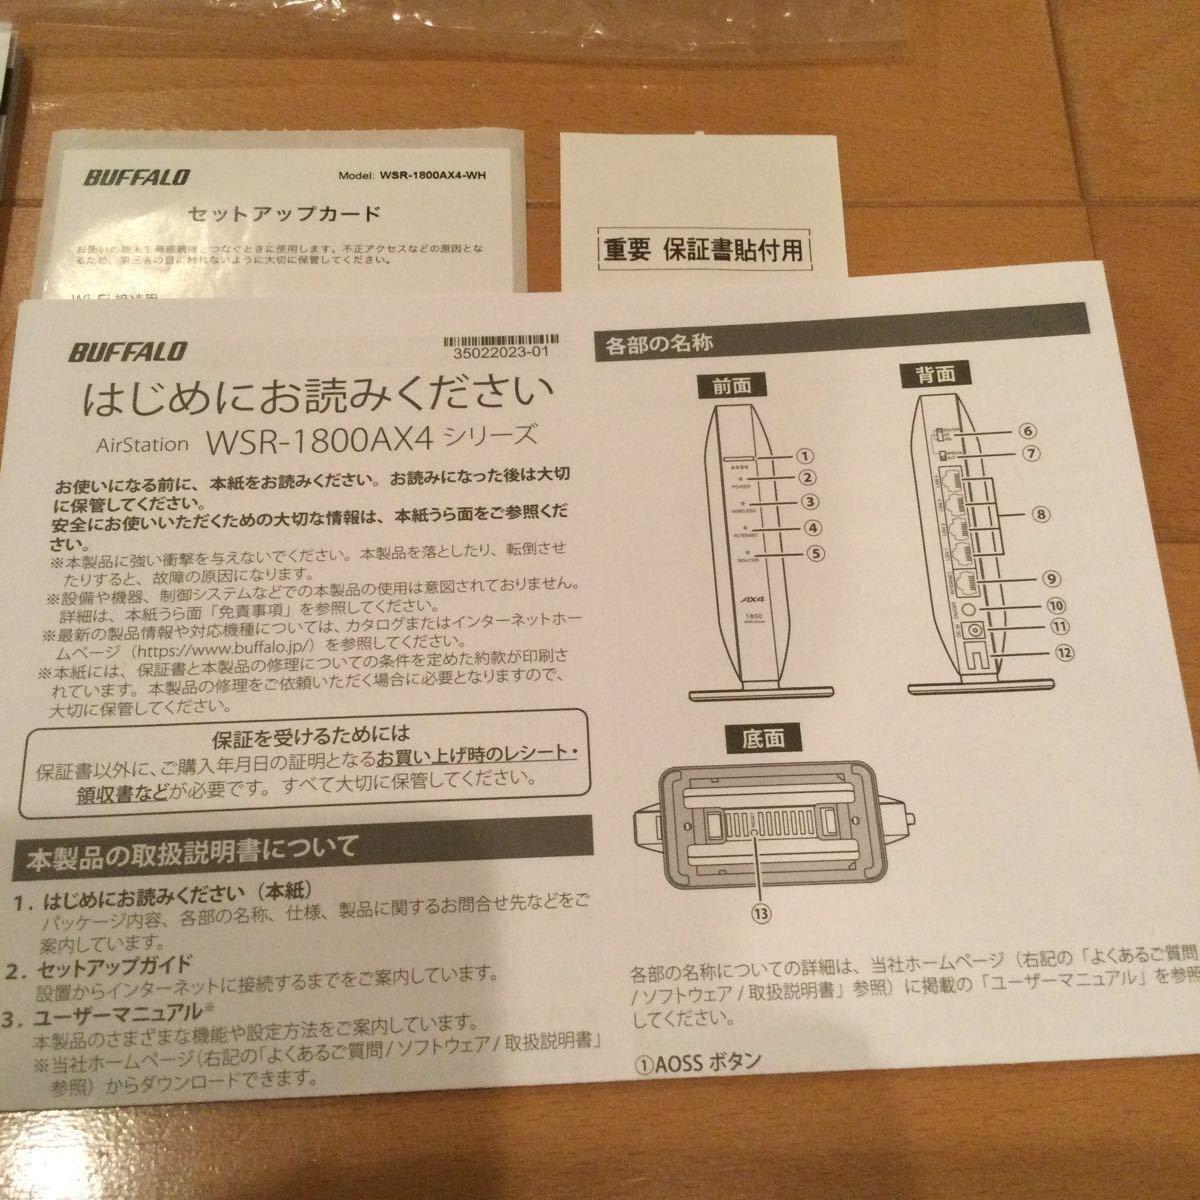 バッファロー BUFFALO WSR-1800AX4-WH ほぼ新品